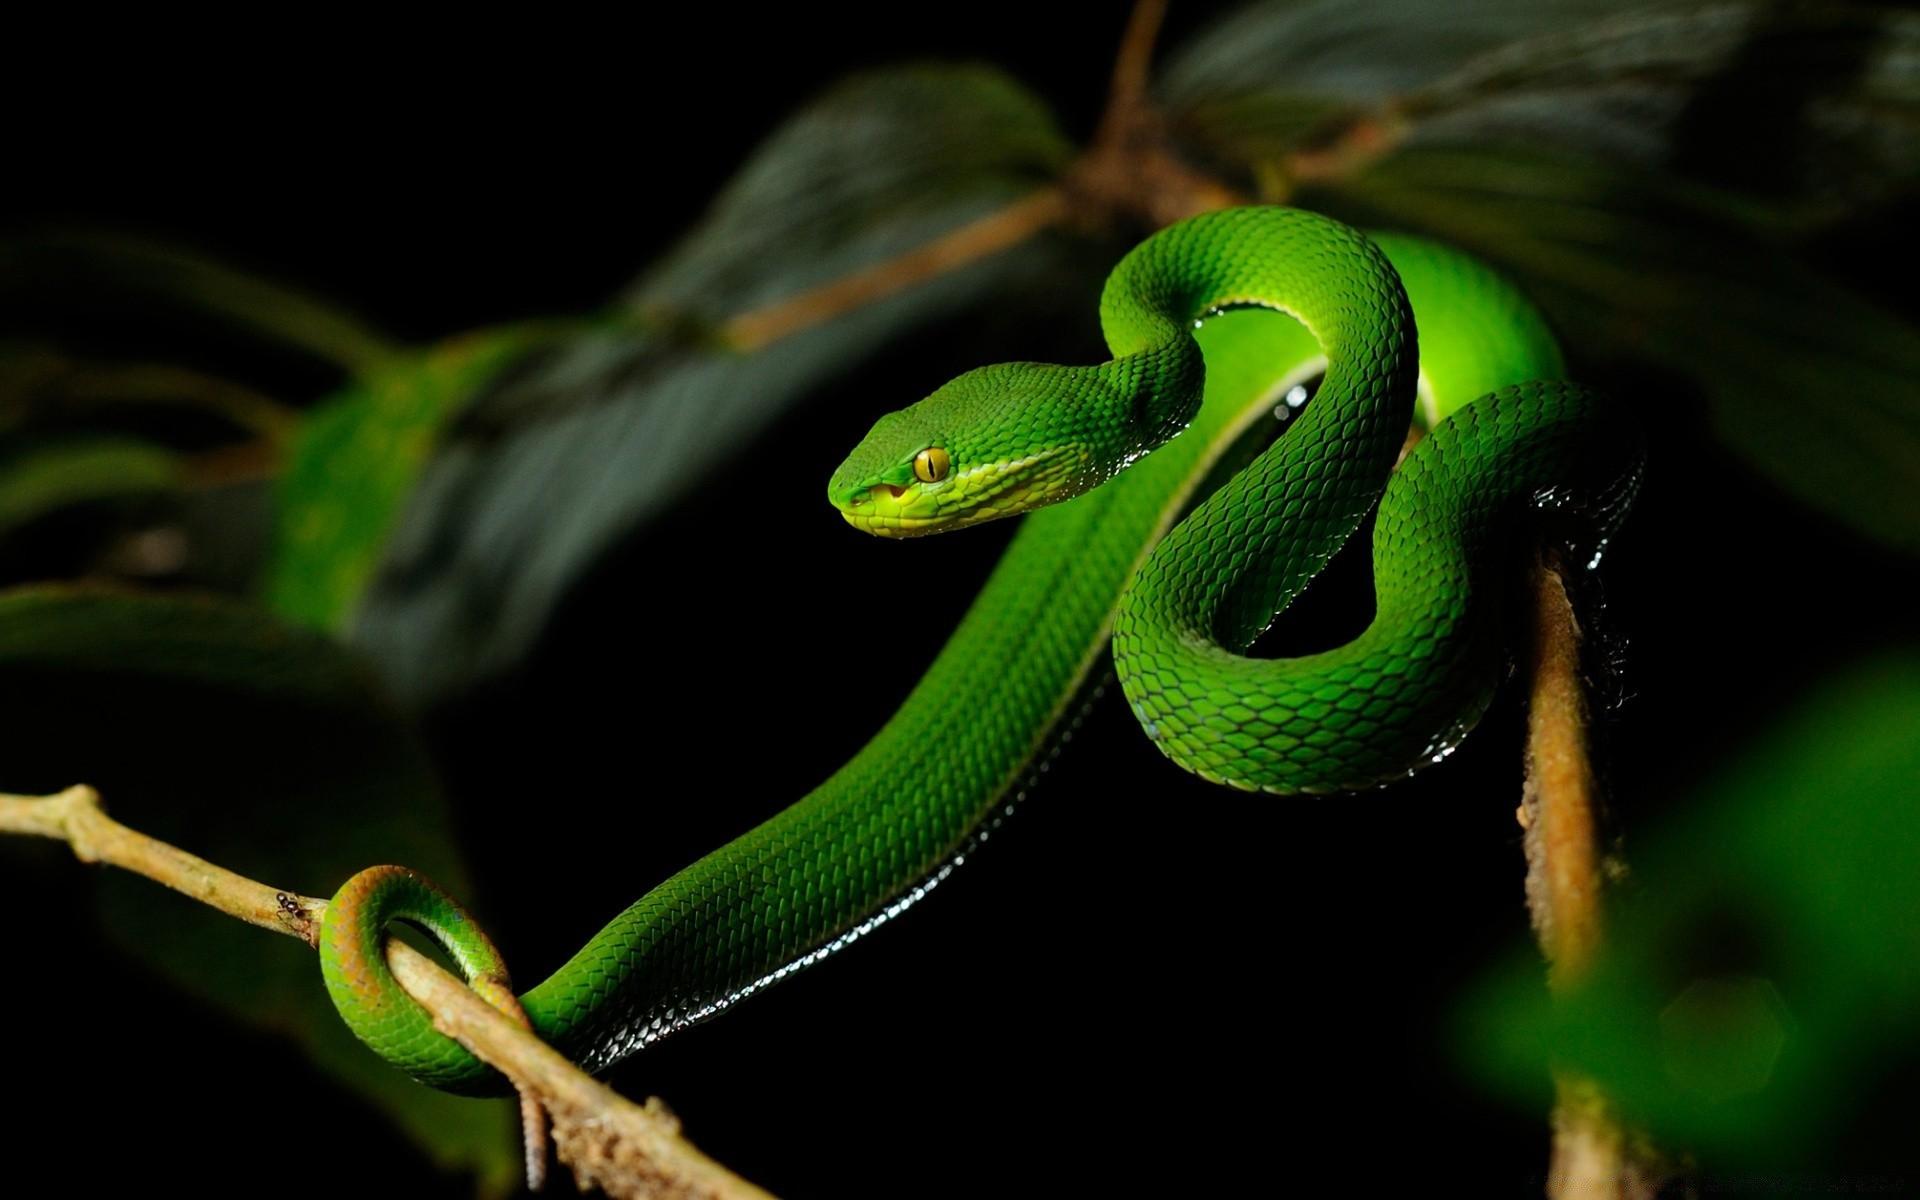 snake-alexis-seg-free-airtight-teen-pics